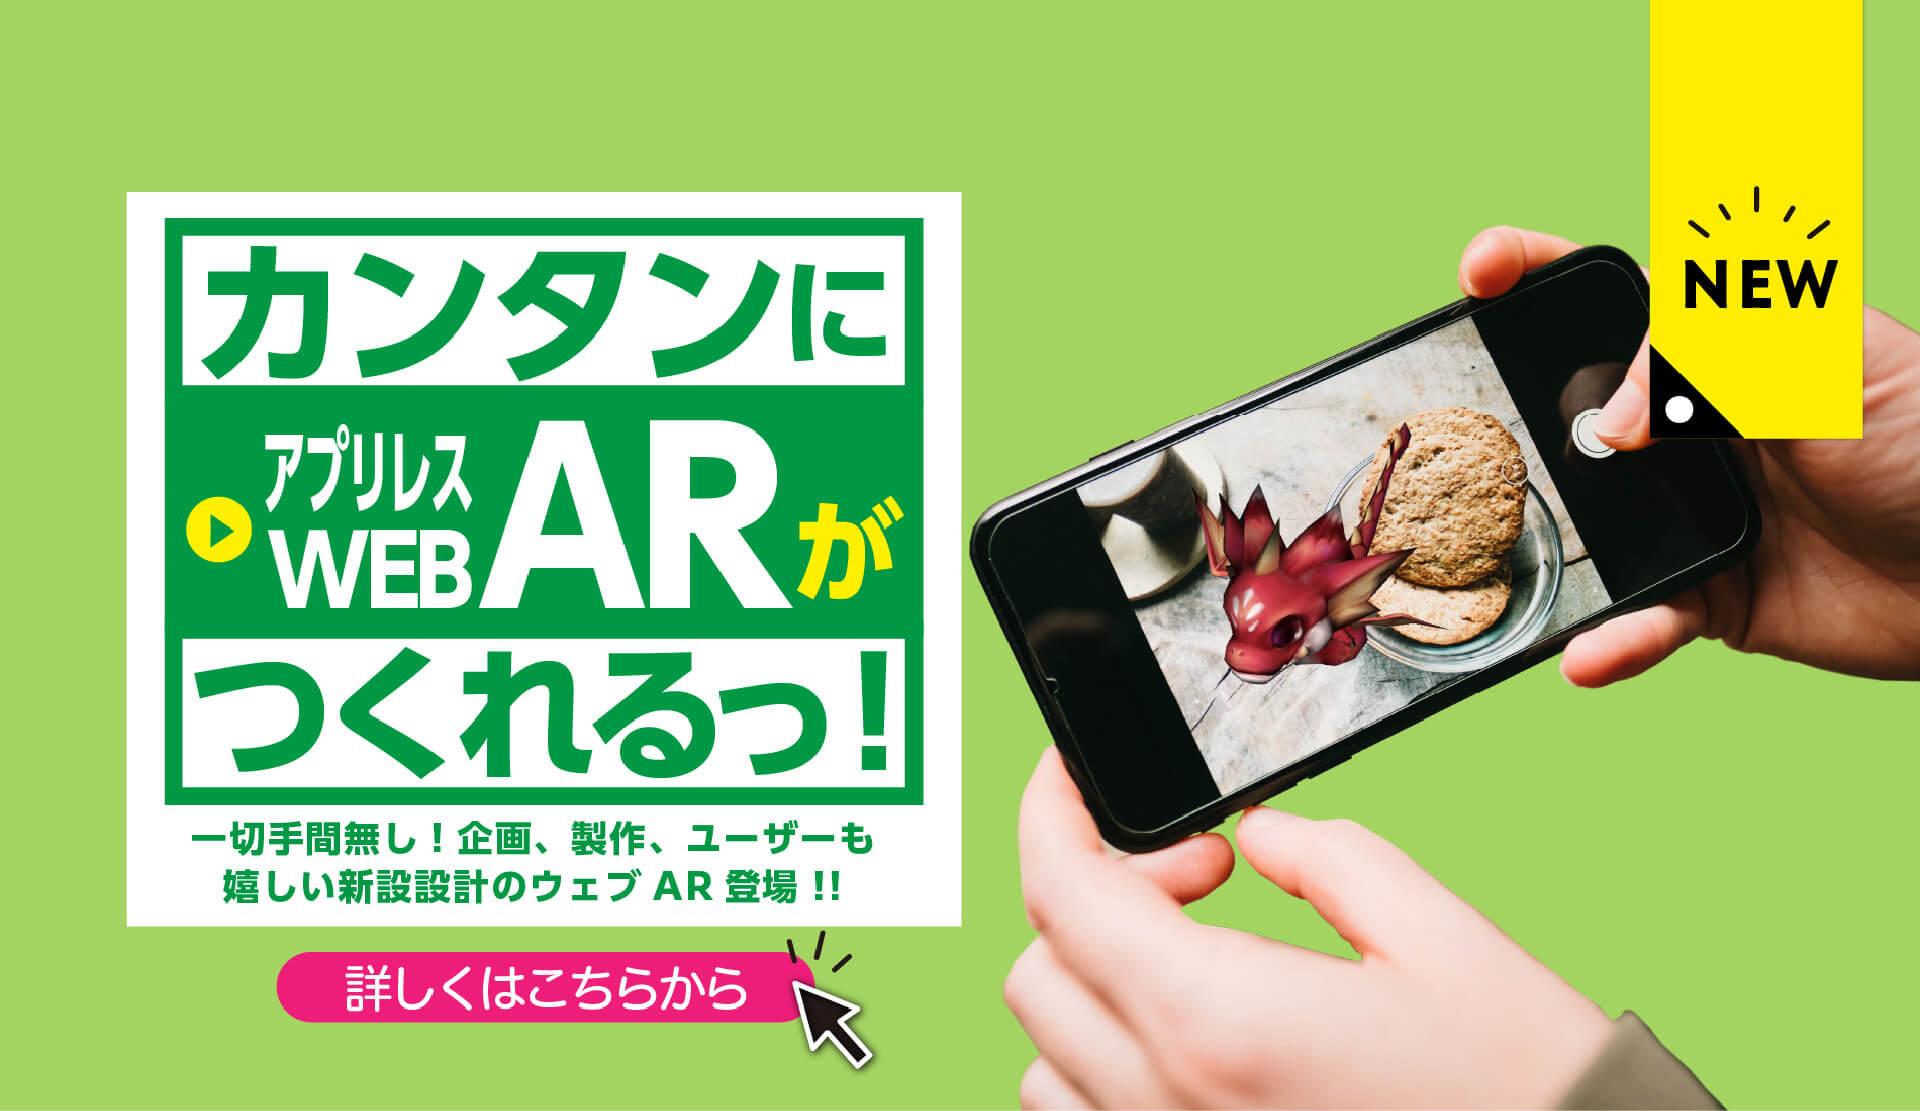 カンタンにアプリレスWEB ARがつくれるっ!